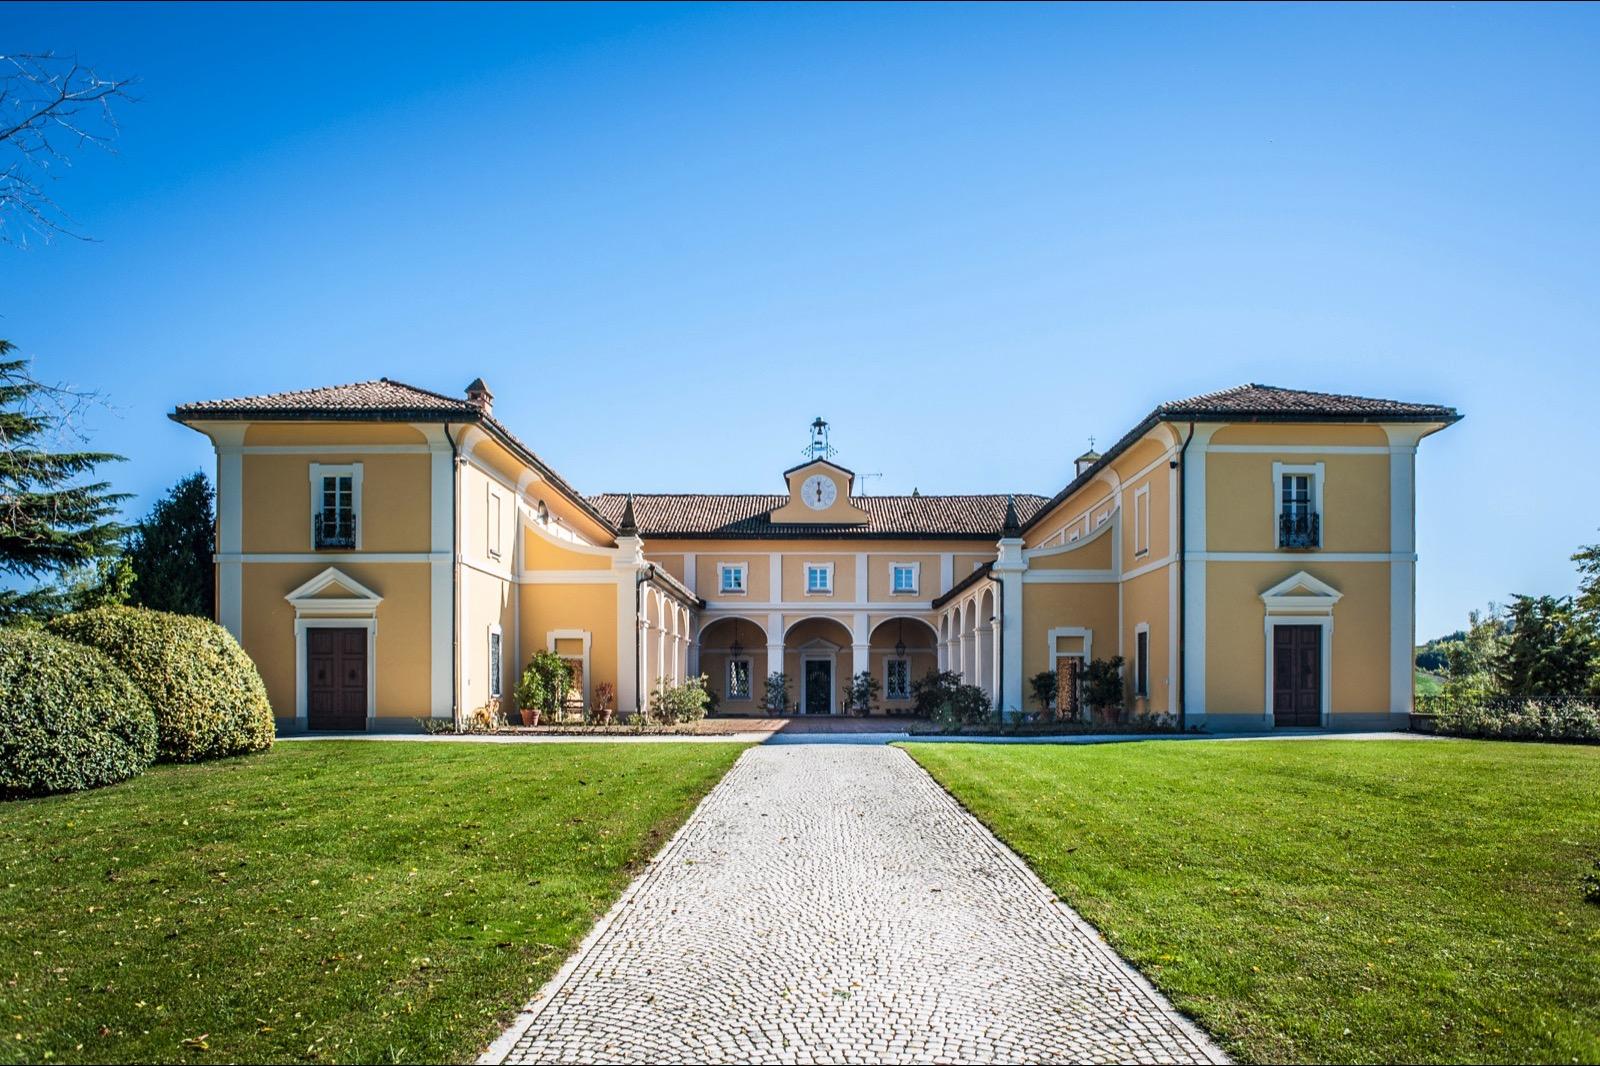 Antica Tenuta Pegazzera - Location per matrimoni colline Oltrepò Pavese